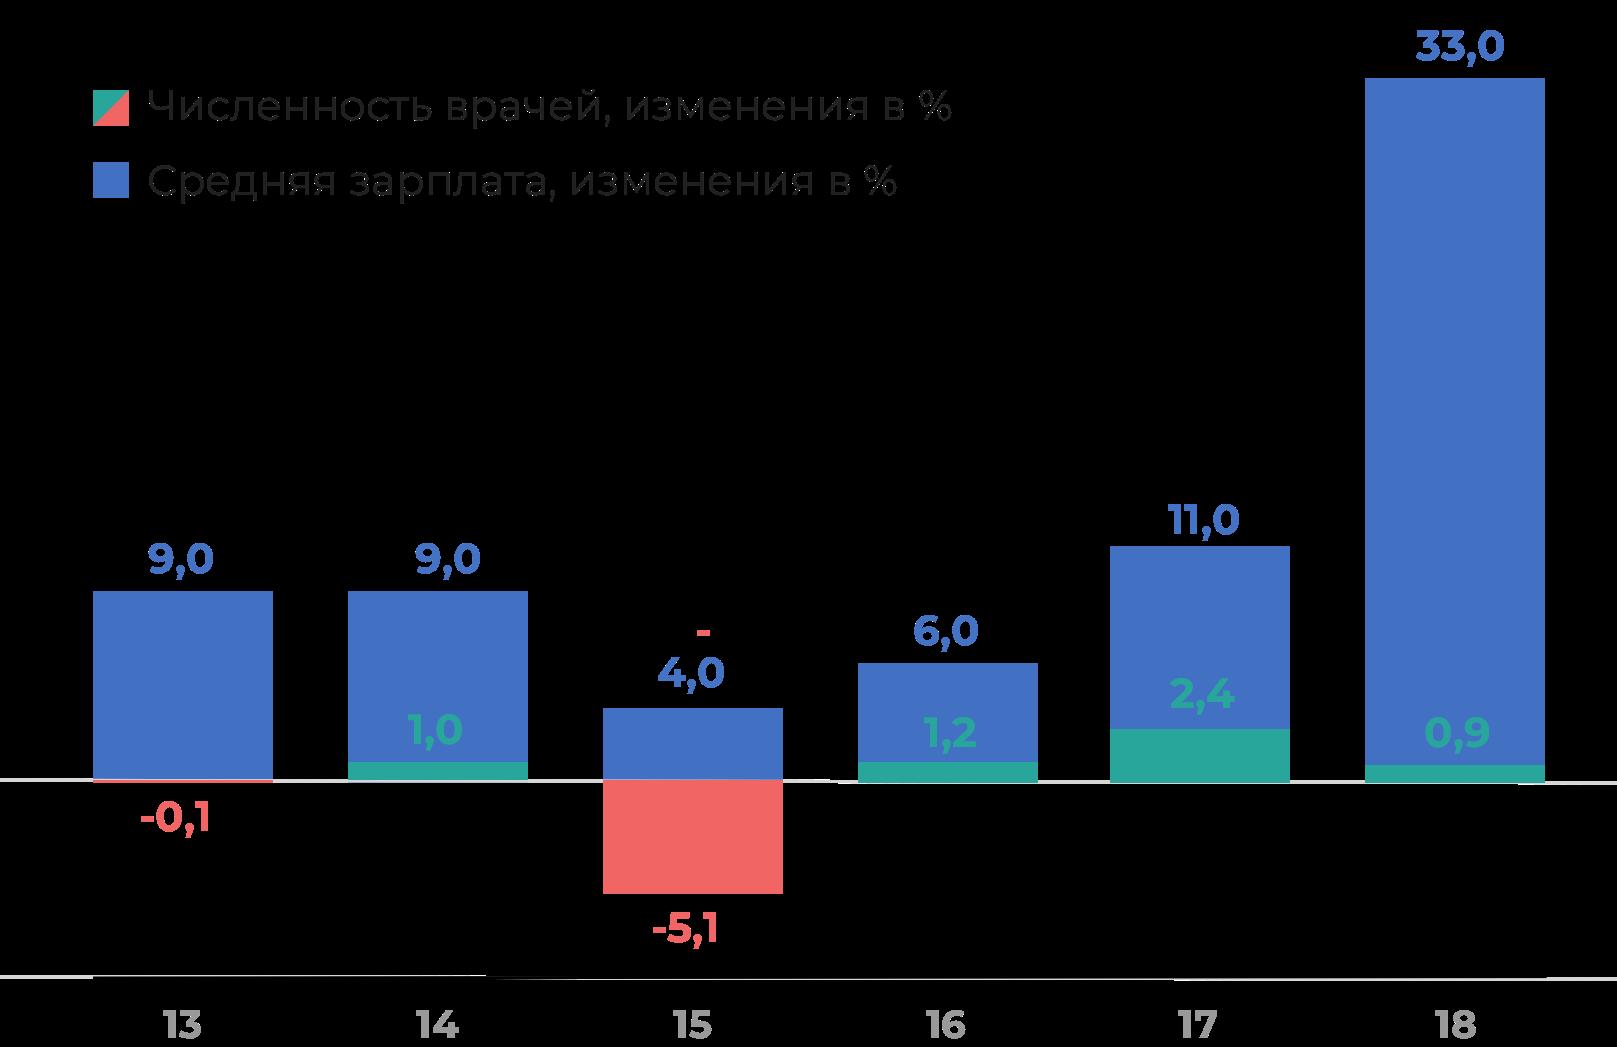 Источники данных: fedstat.ru, gks.ru